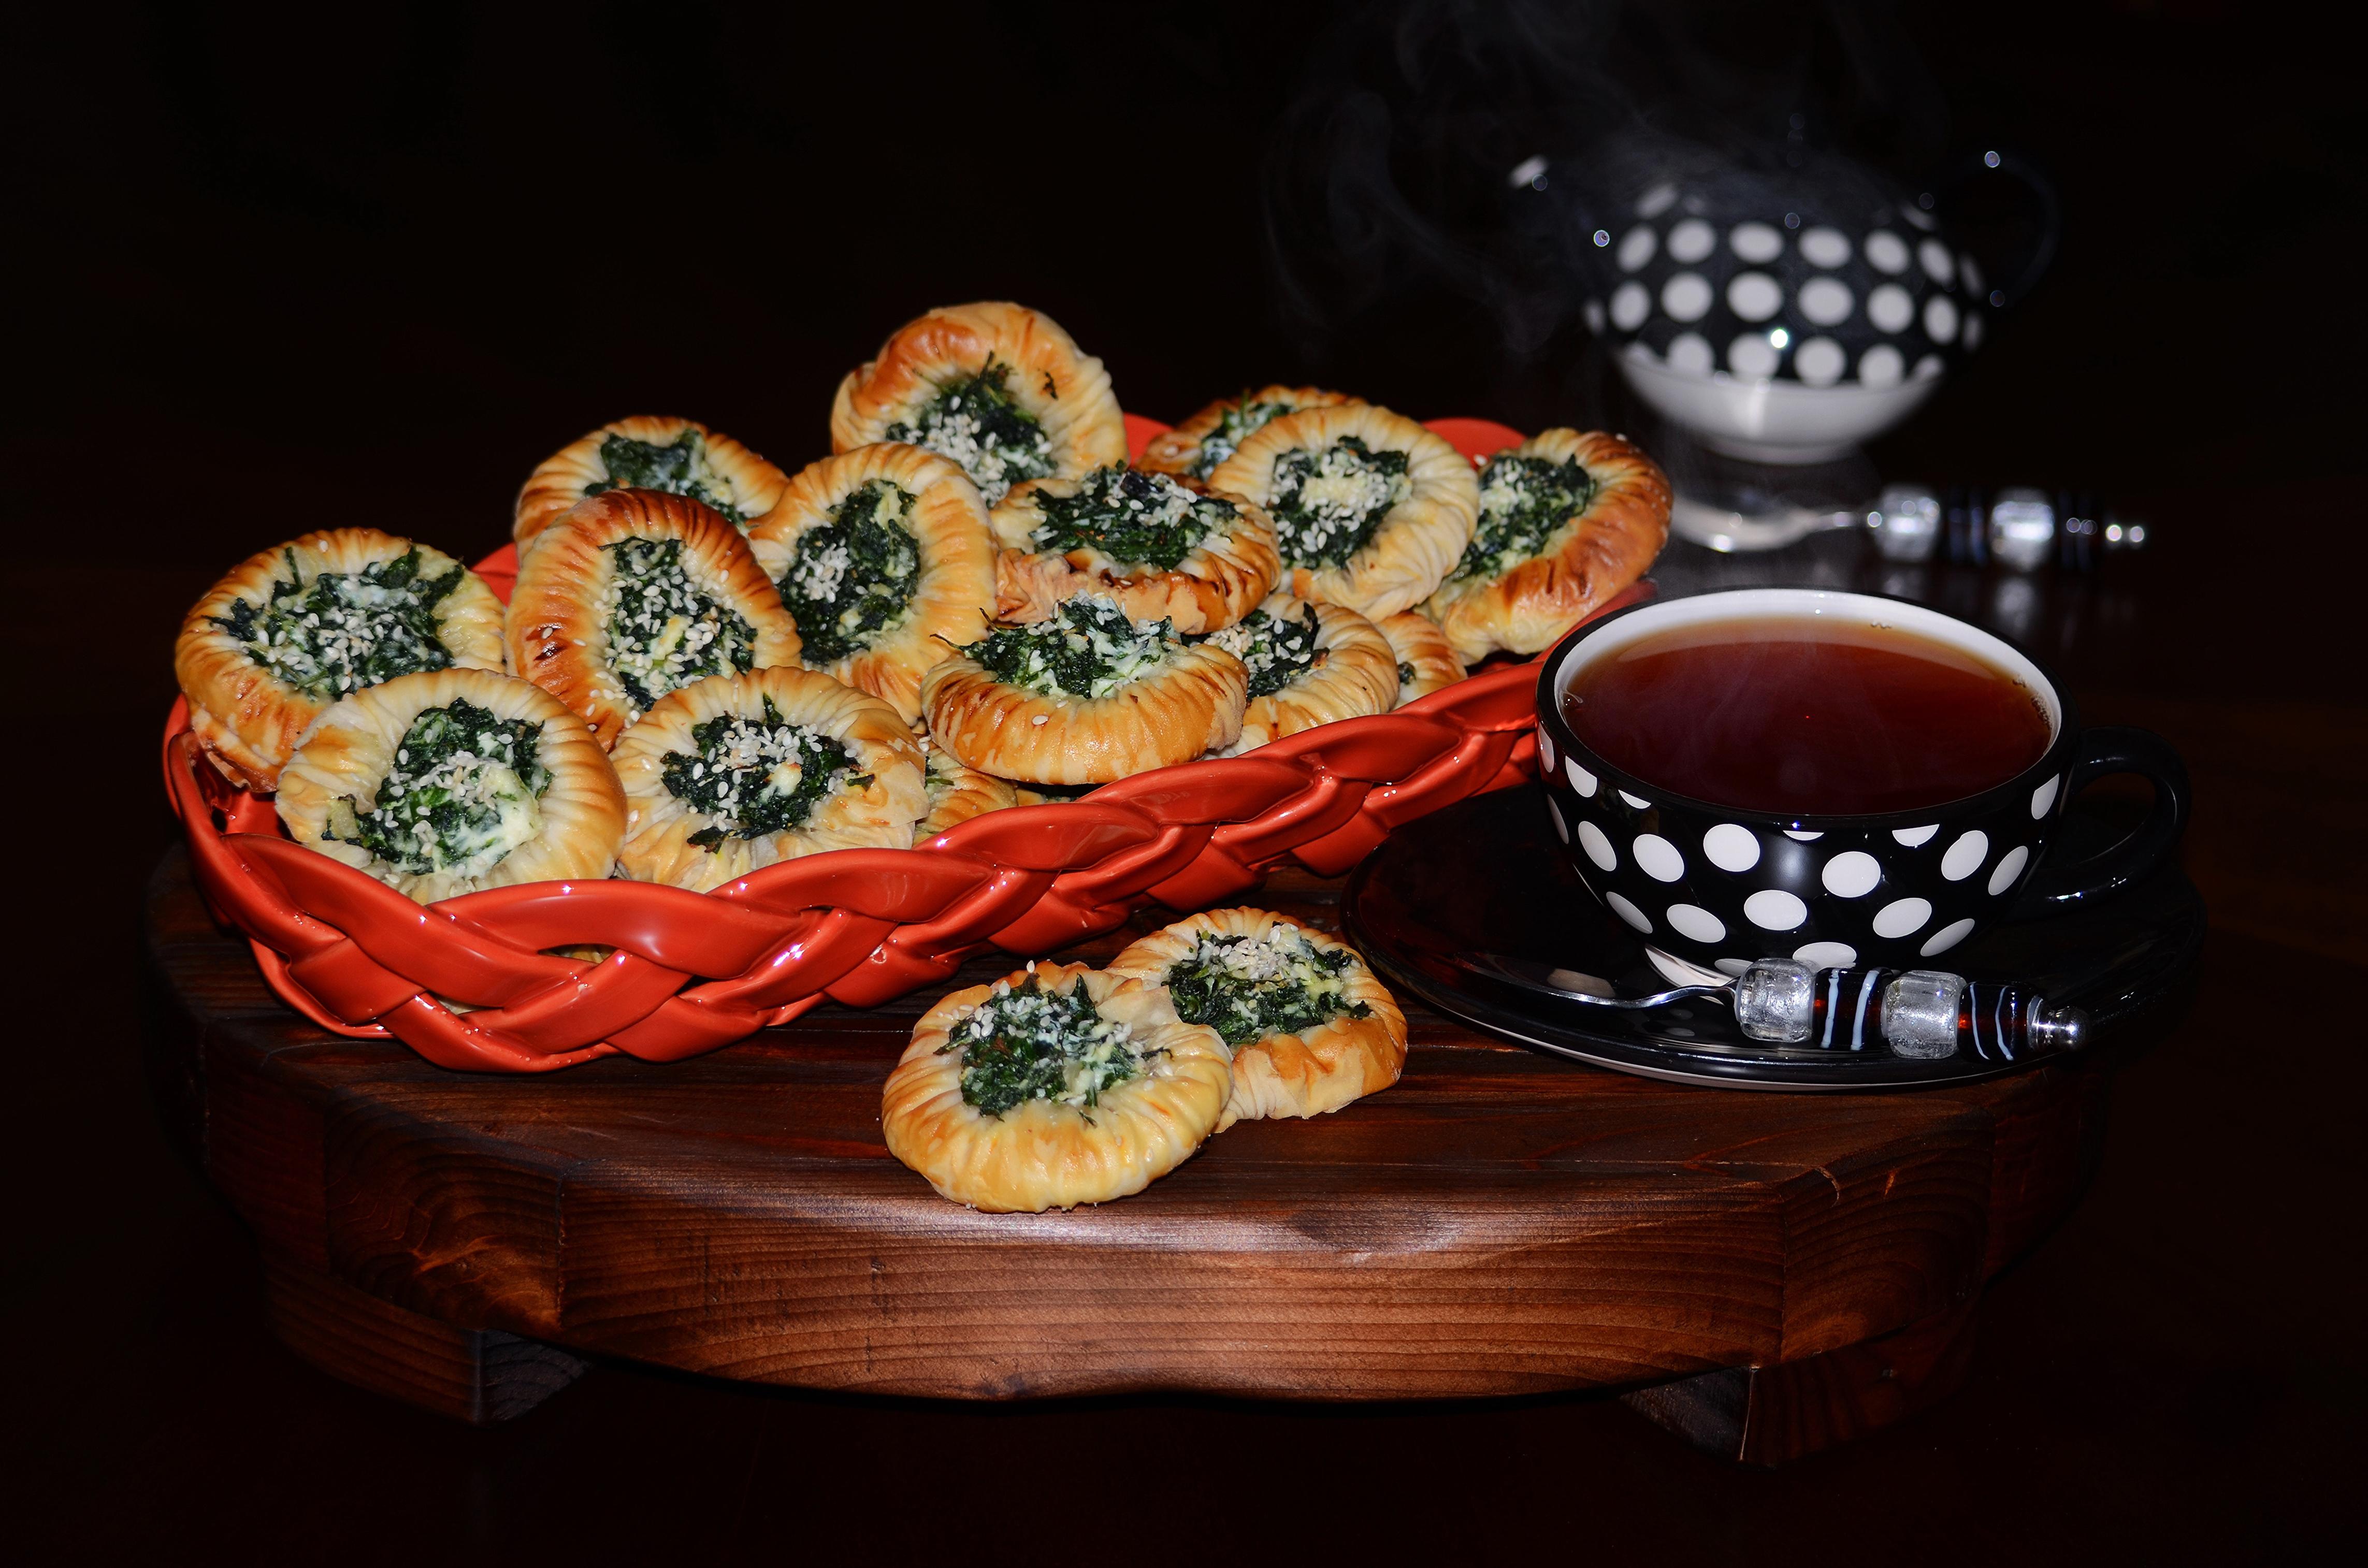 рыба черная фото чай с плюшками это, что любая